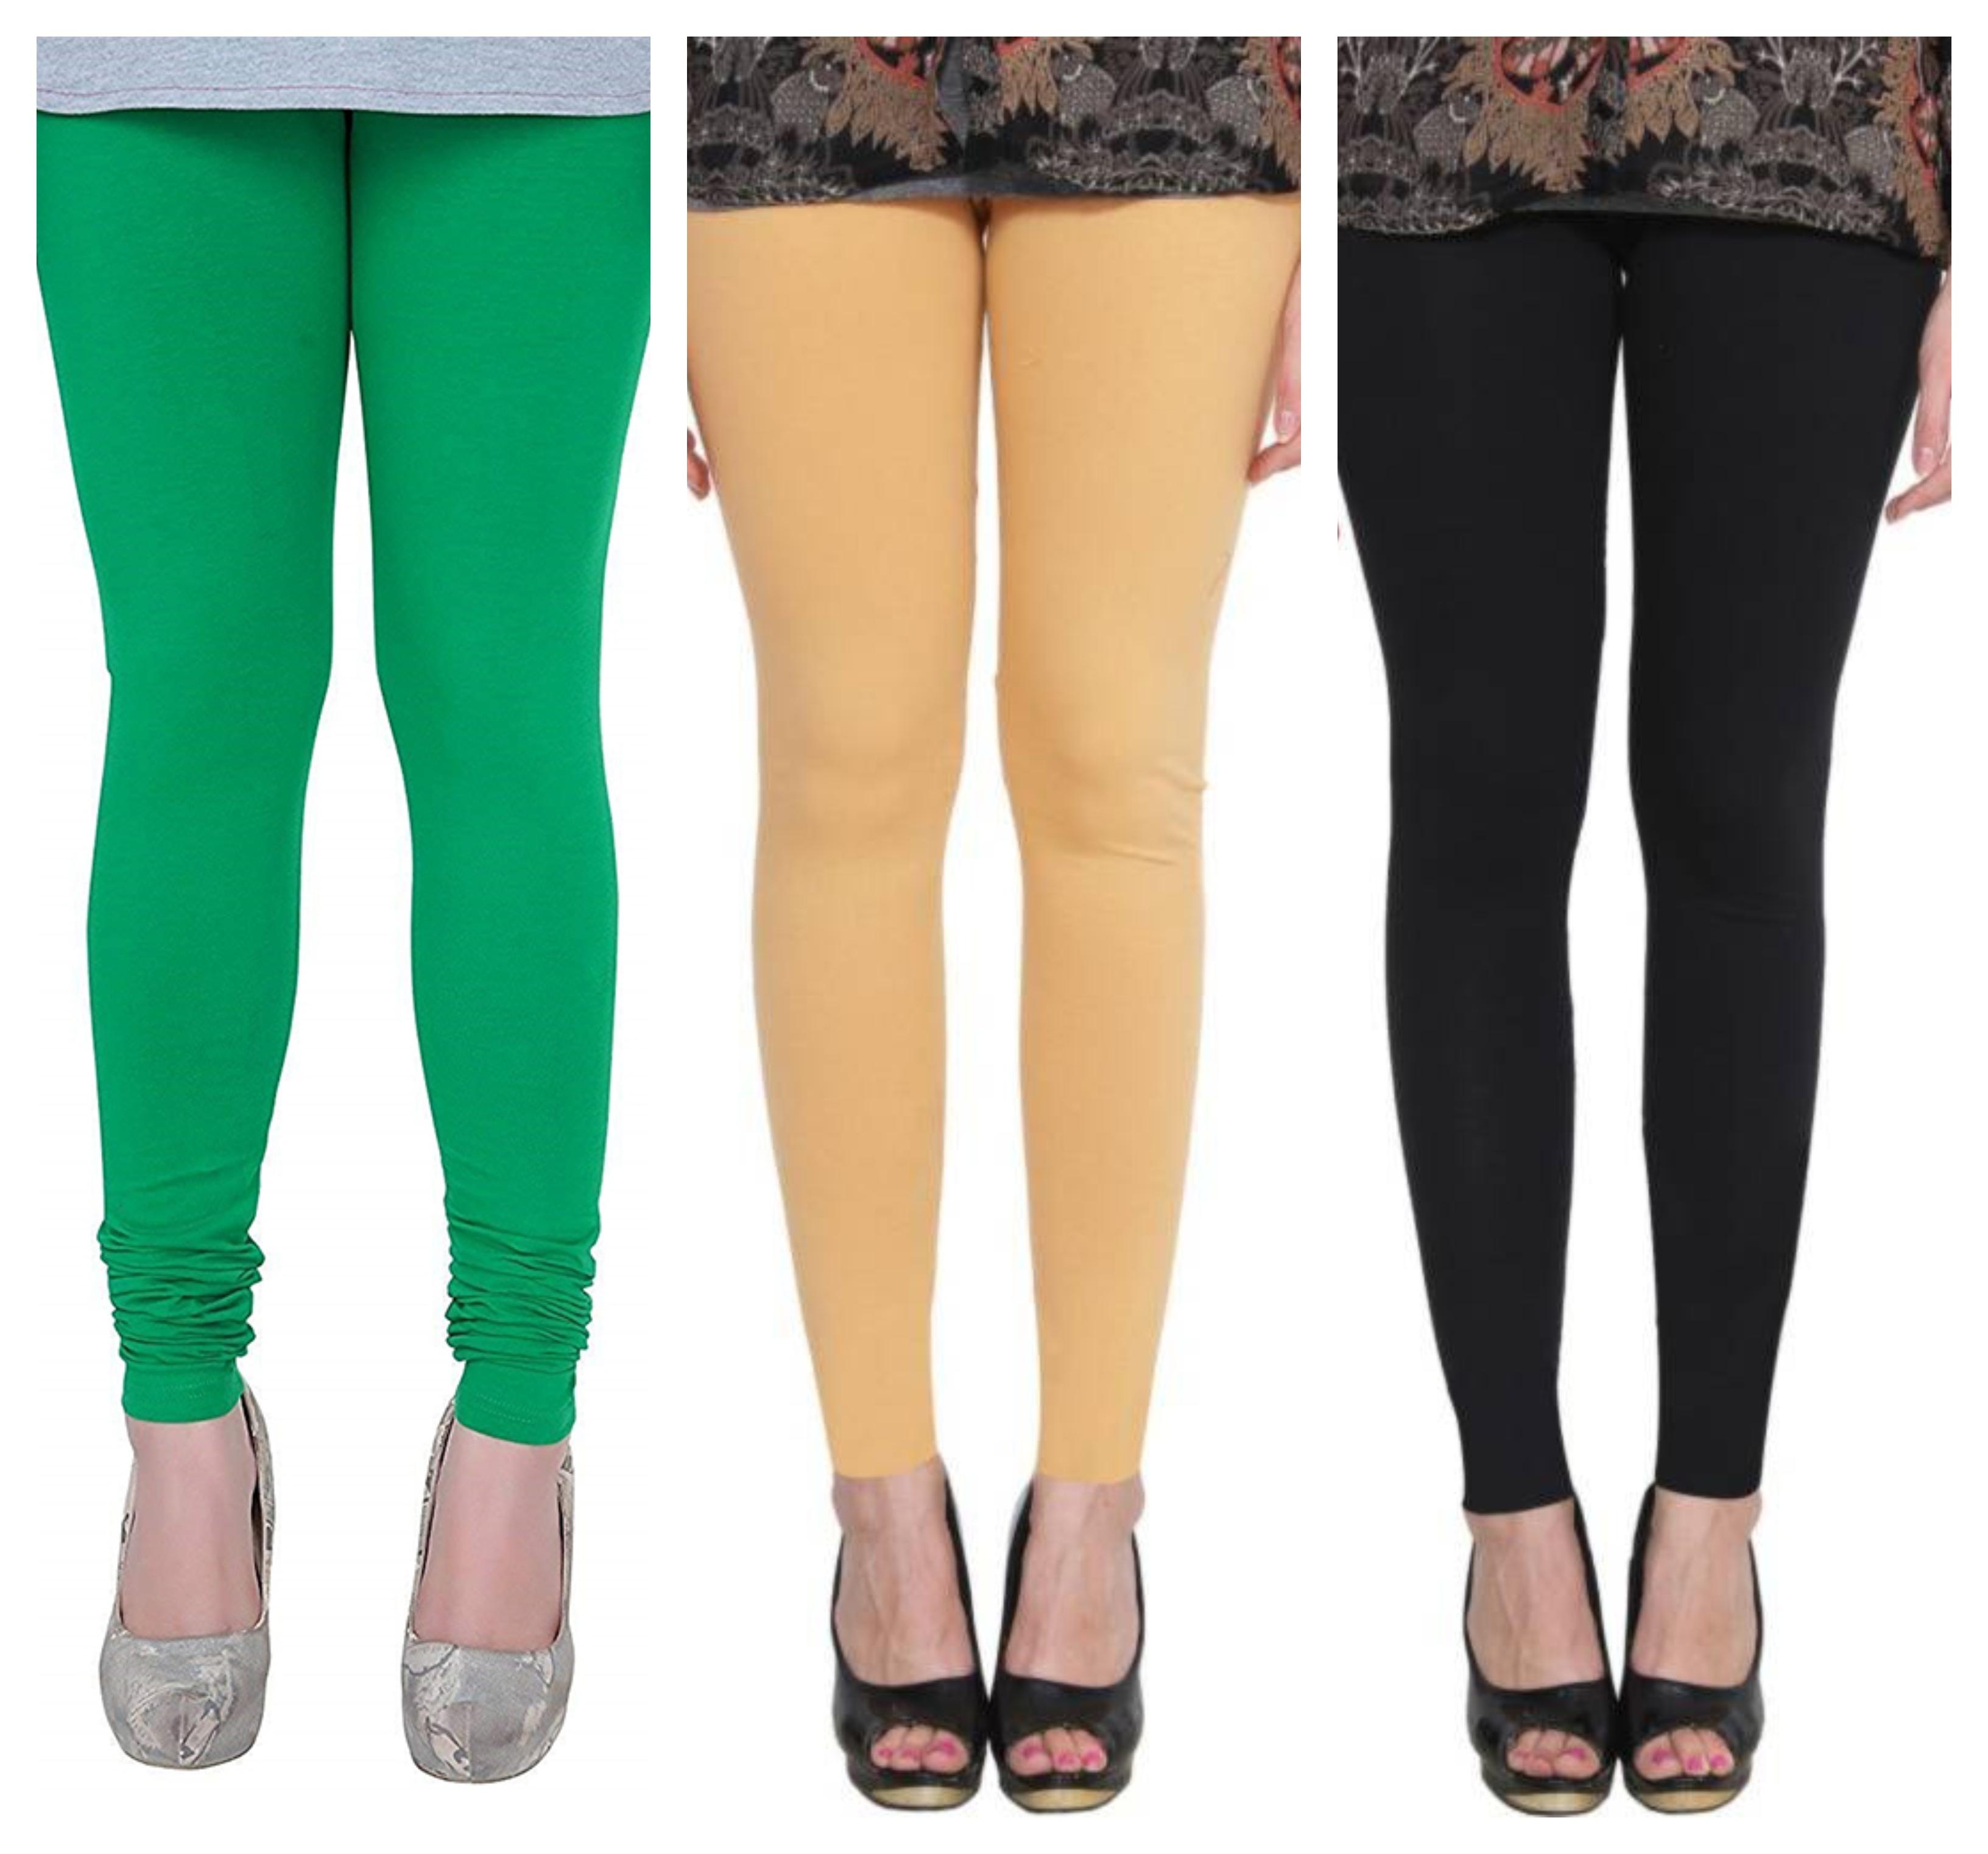 Esperato Combo Cotton Leggings For Women Black, Green, Beige